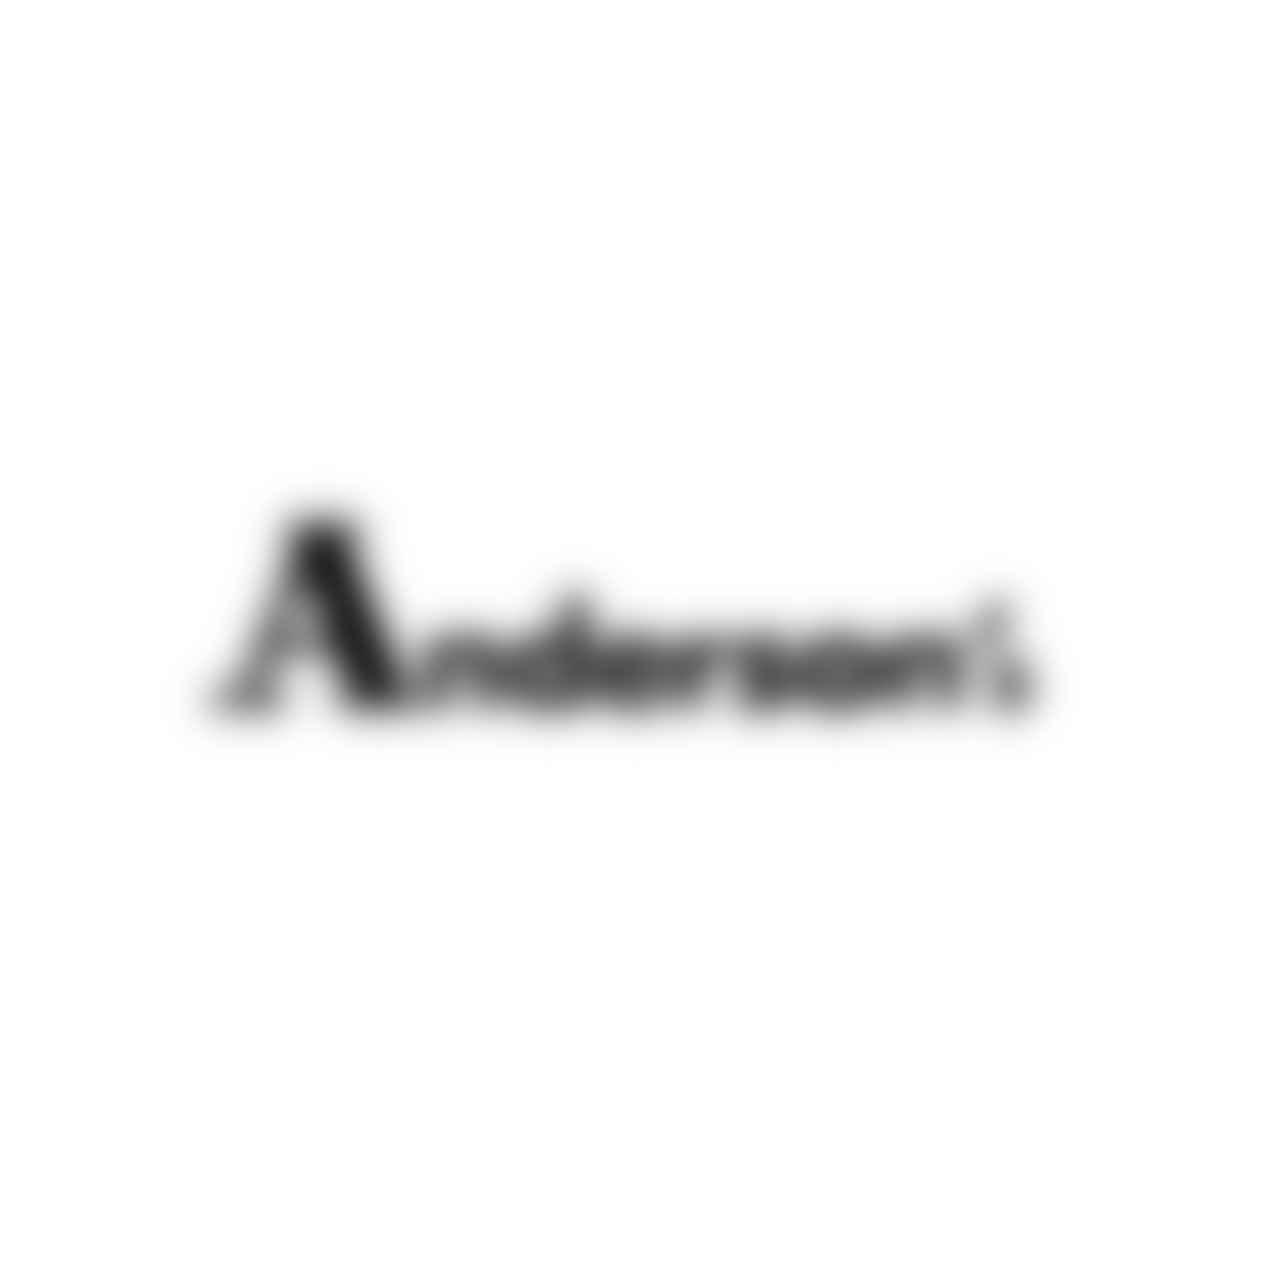 Anderson's logo